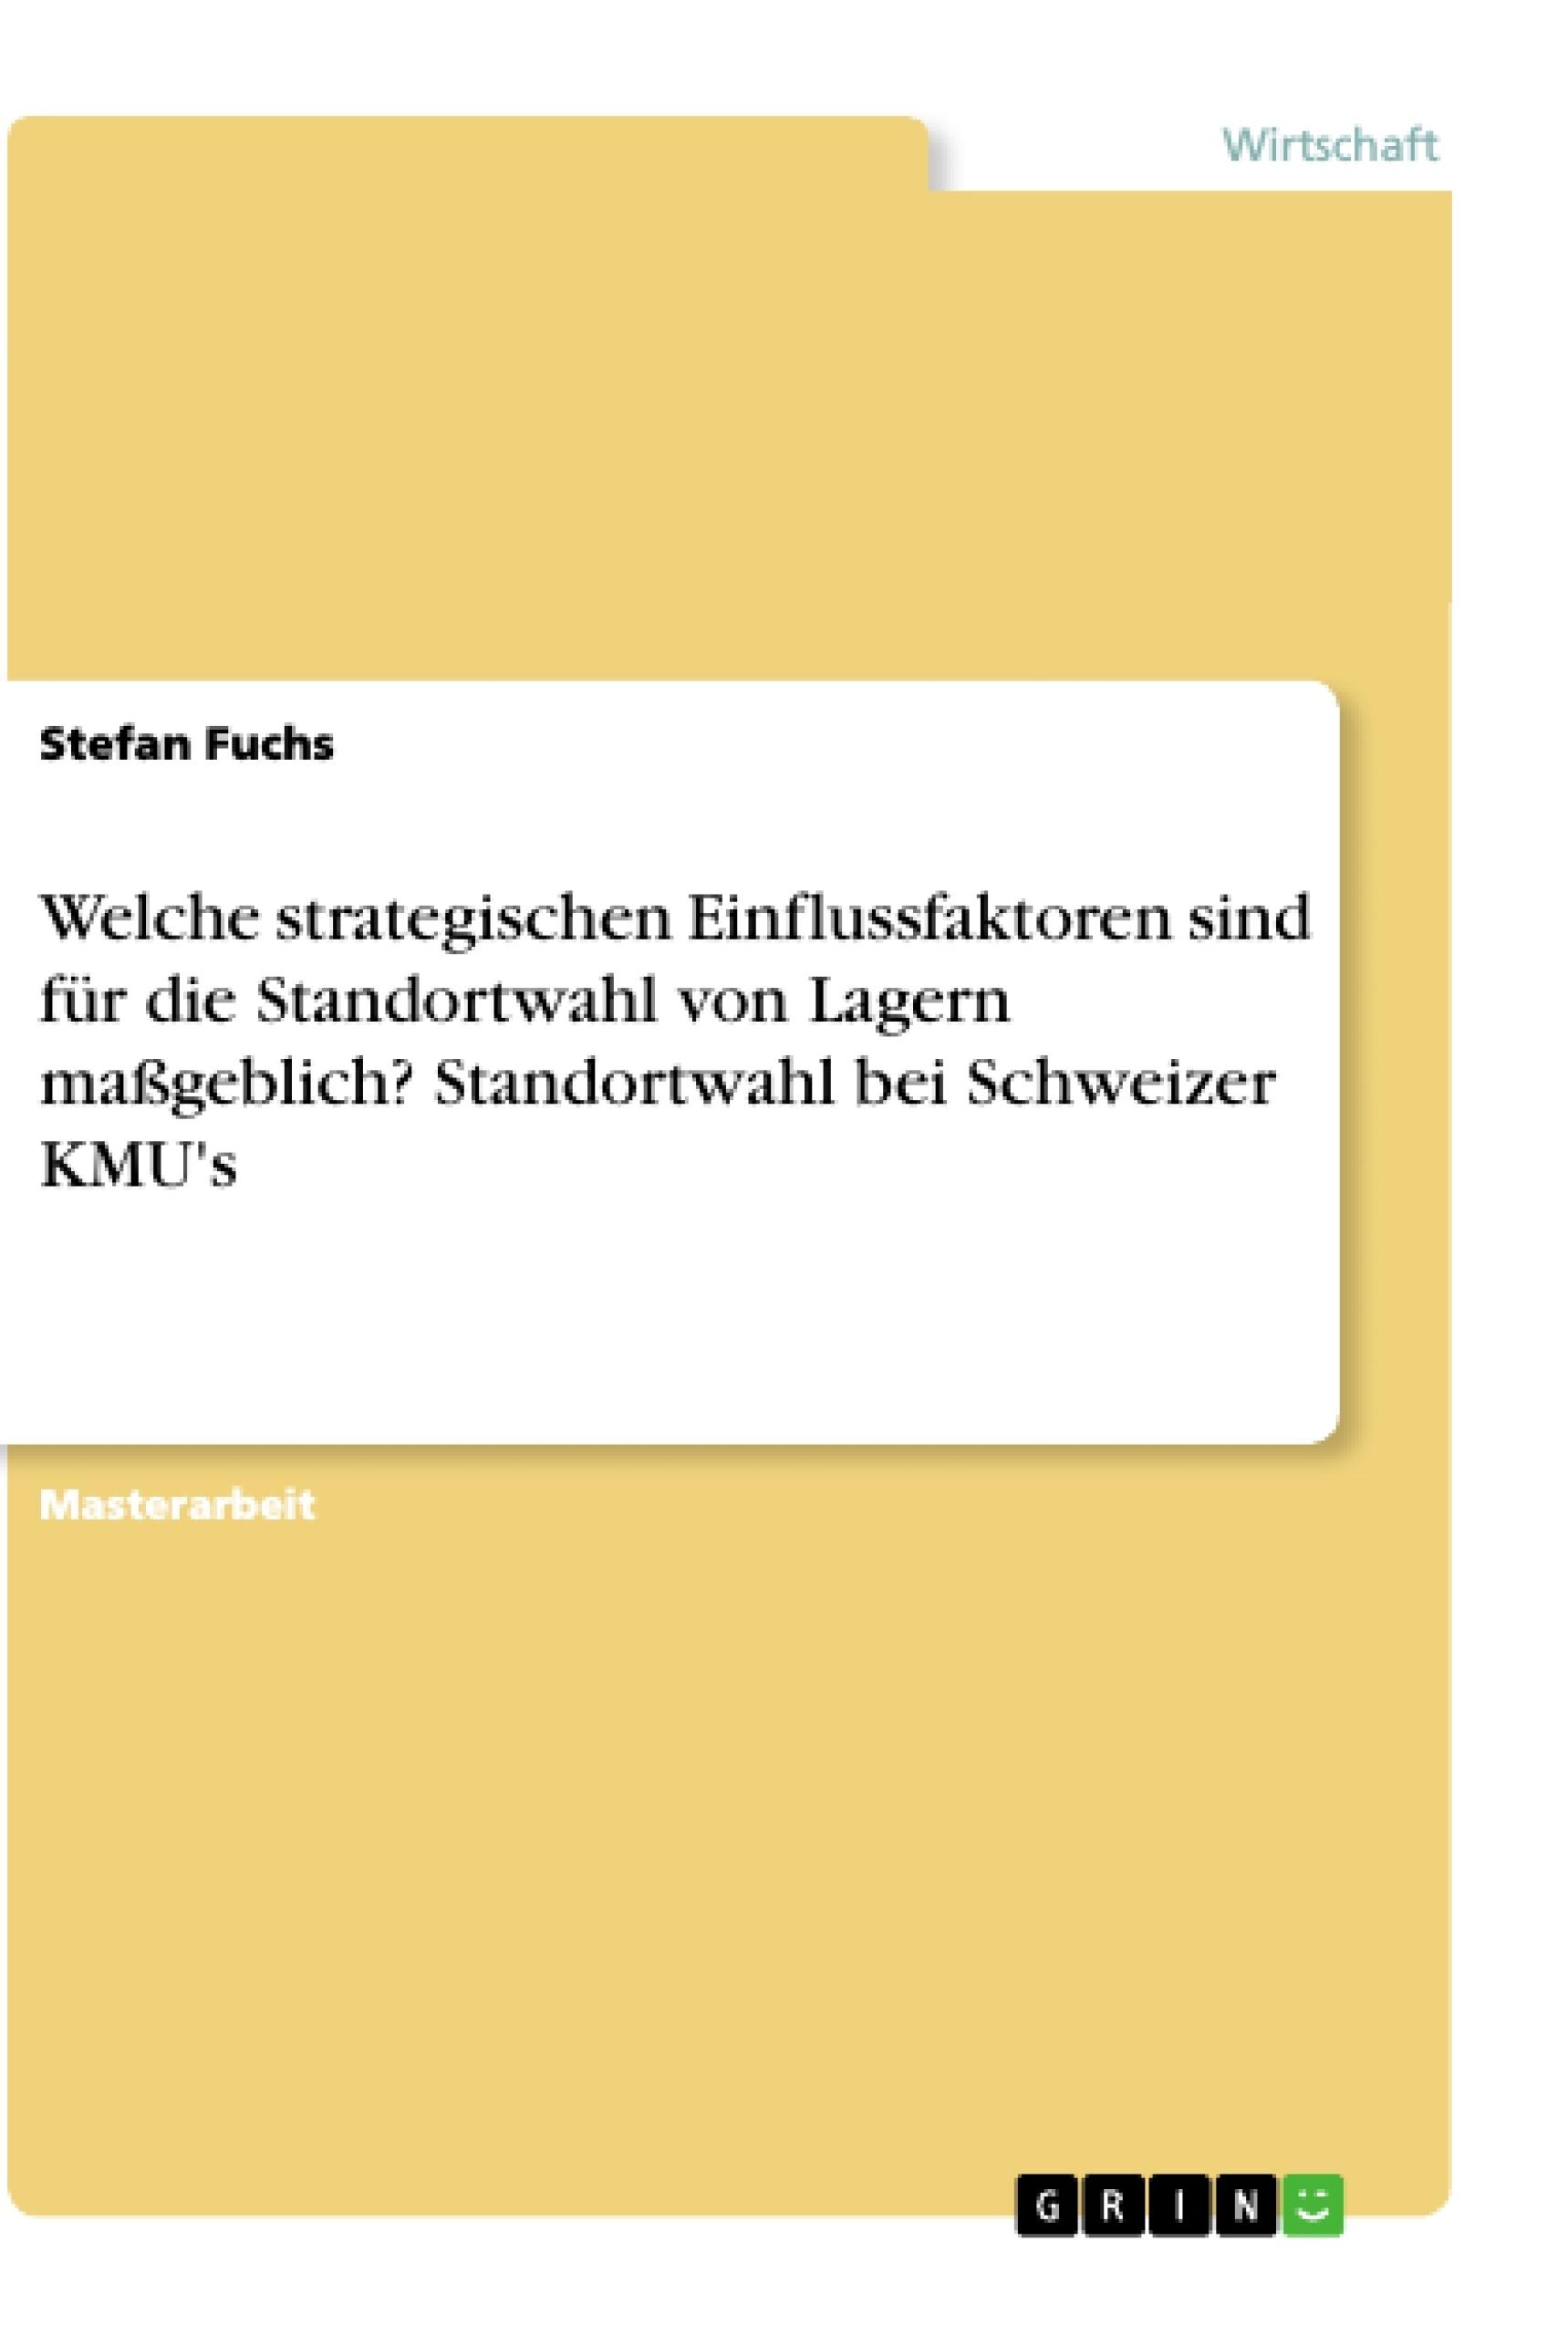 Titel: Welche strategischen Einflussfaktoren sind für die Standortwahl von Lagern maßgeblich? Standortwahl bei Schweizer KMU's